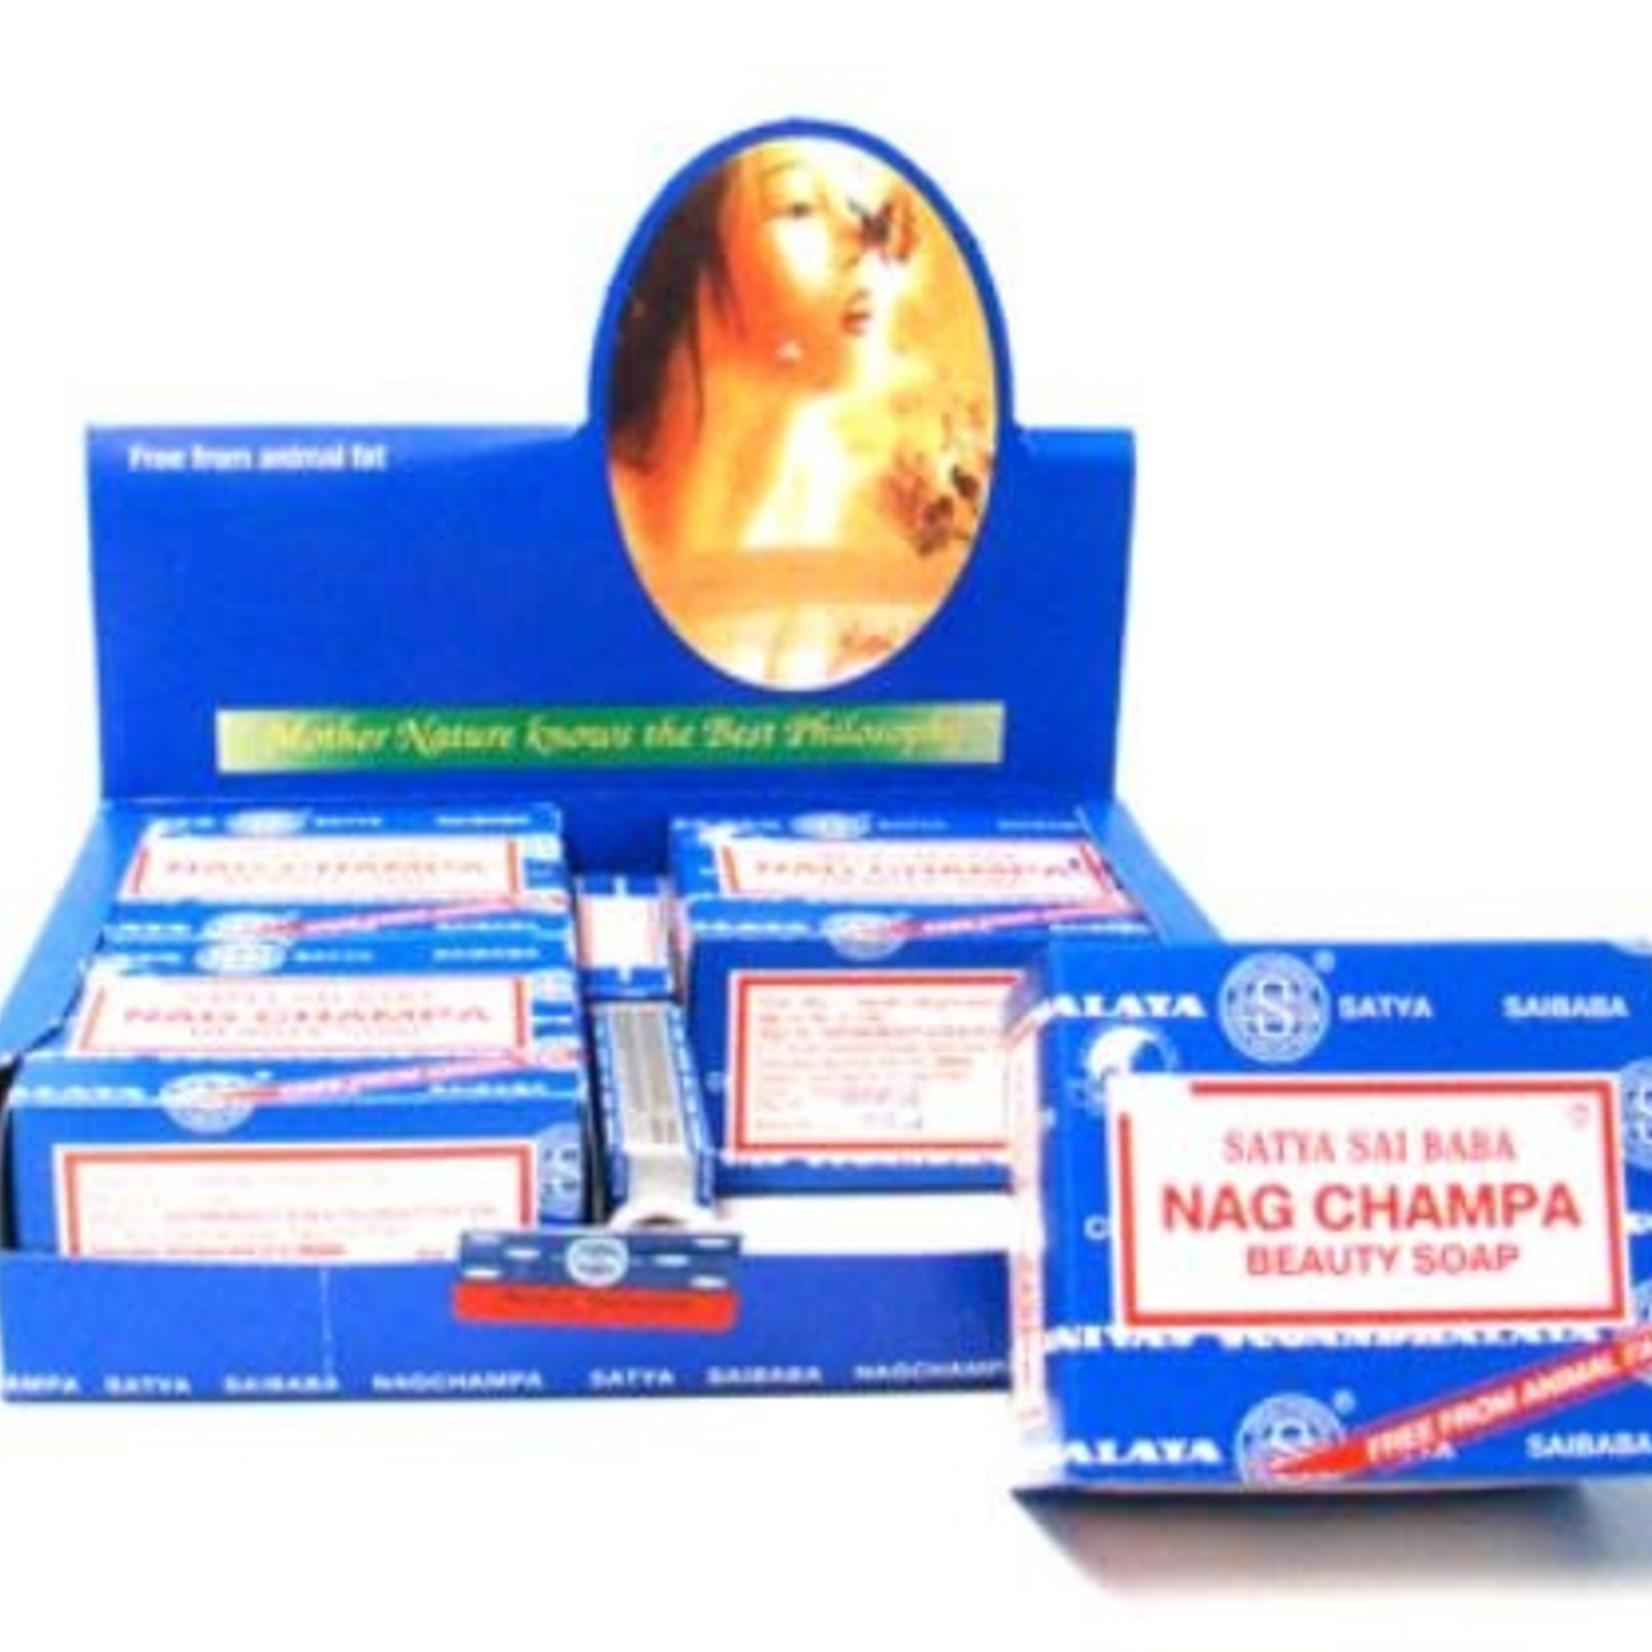 Nag Champa 150 g, Soap